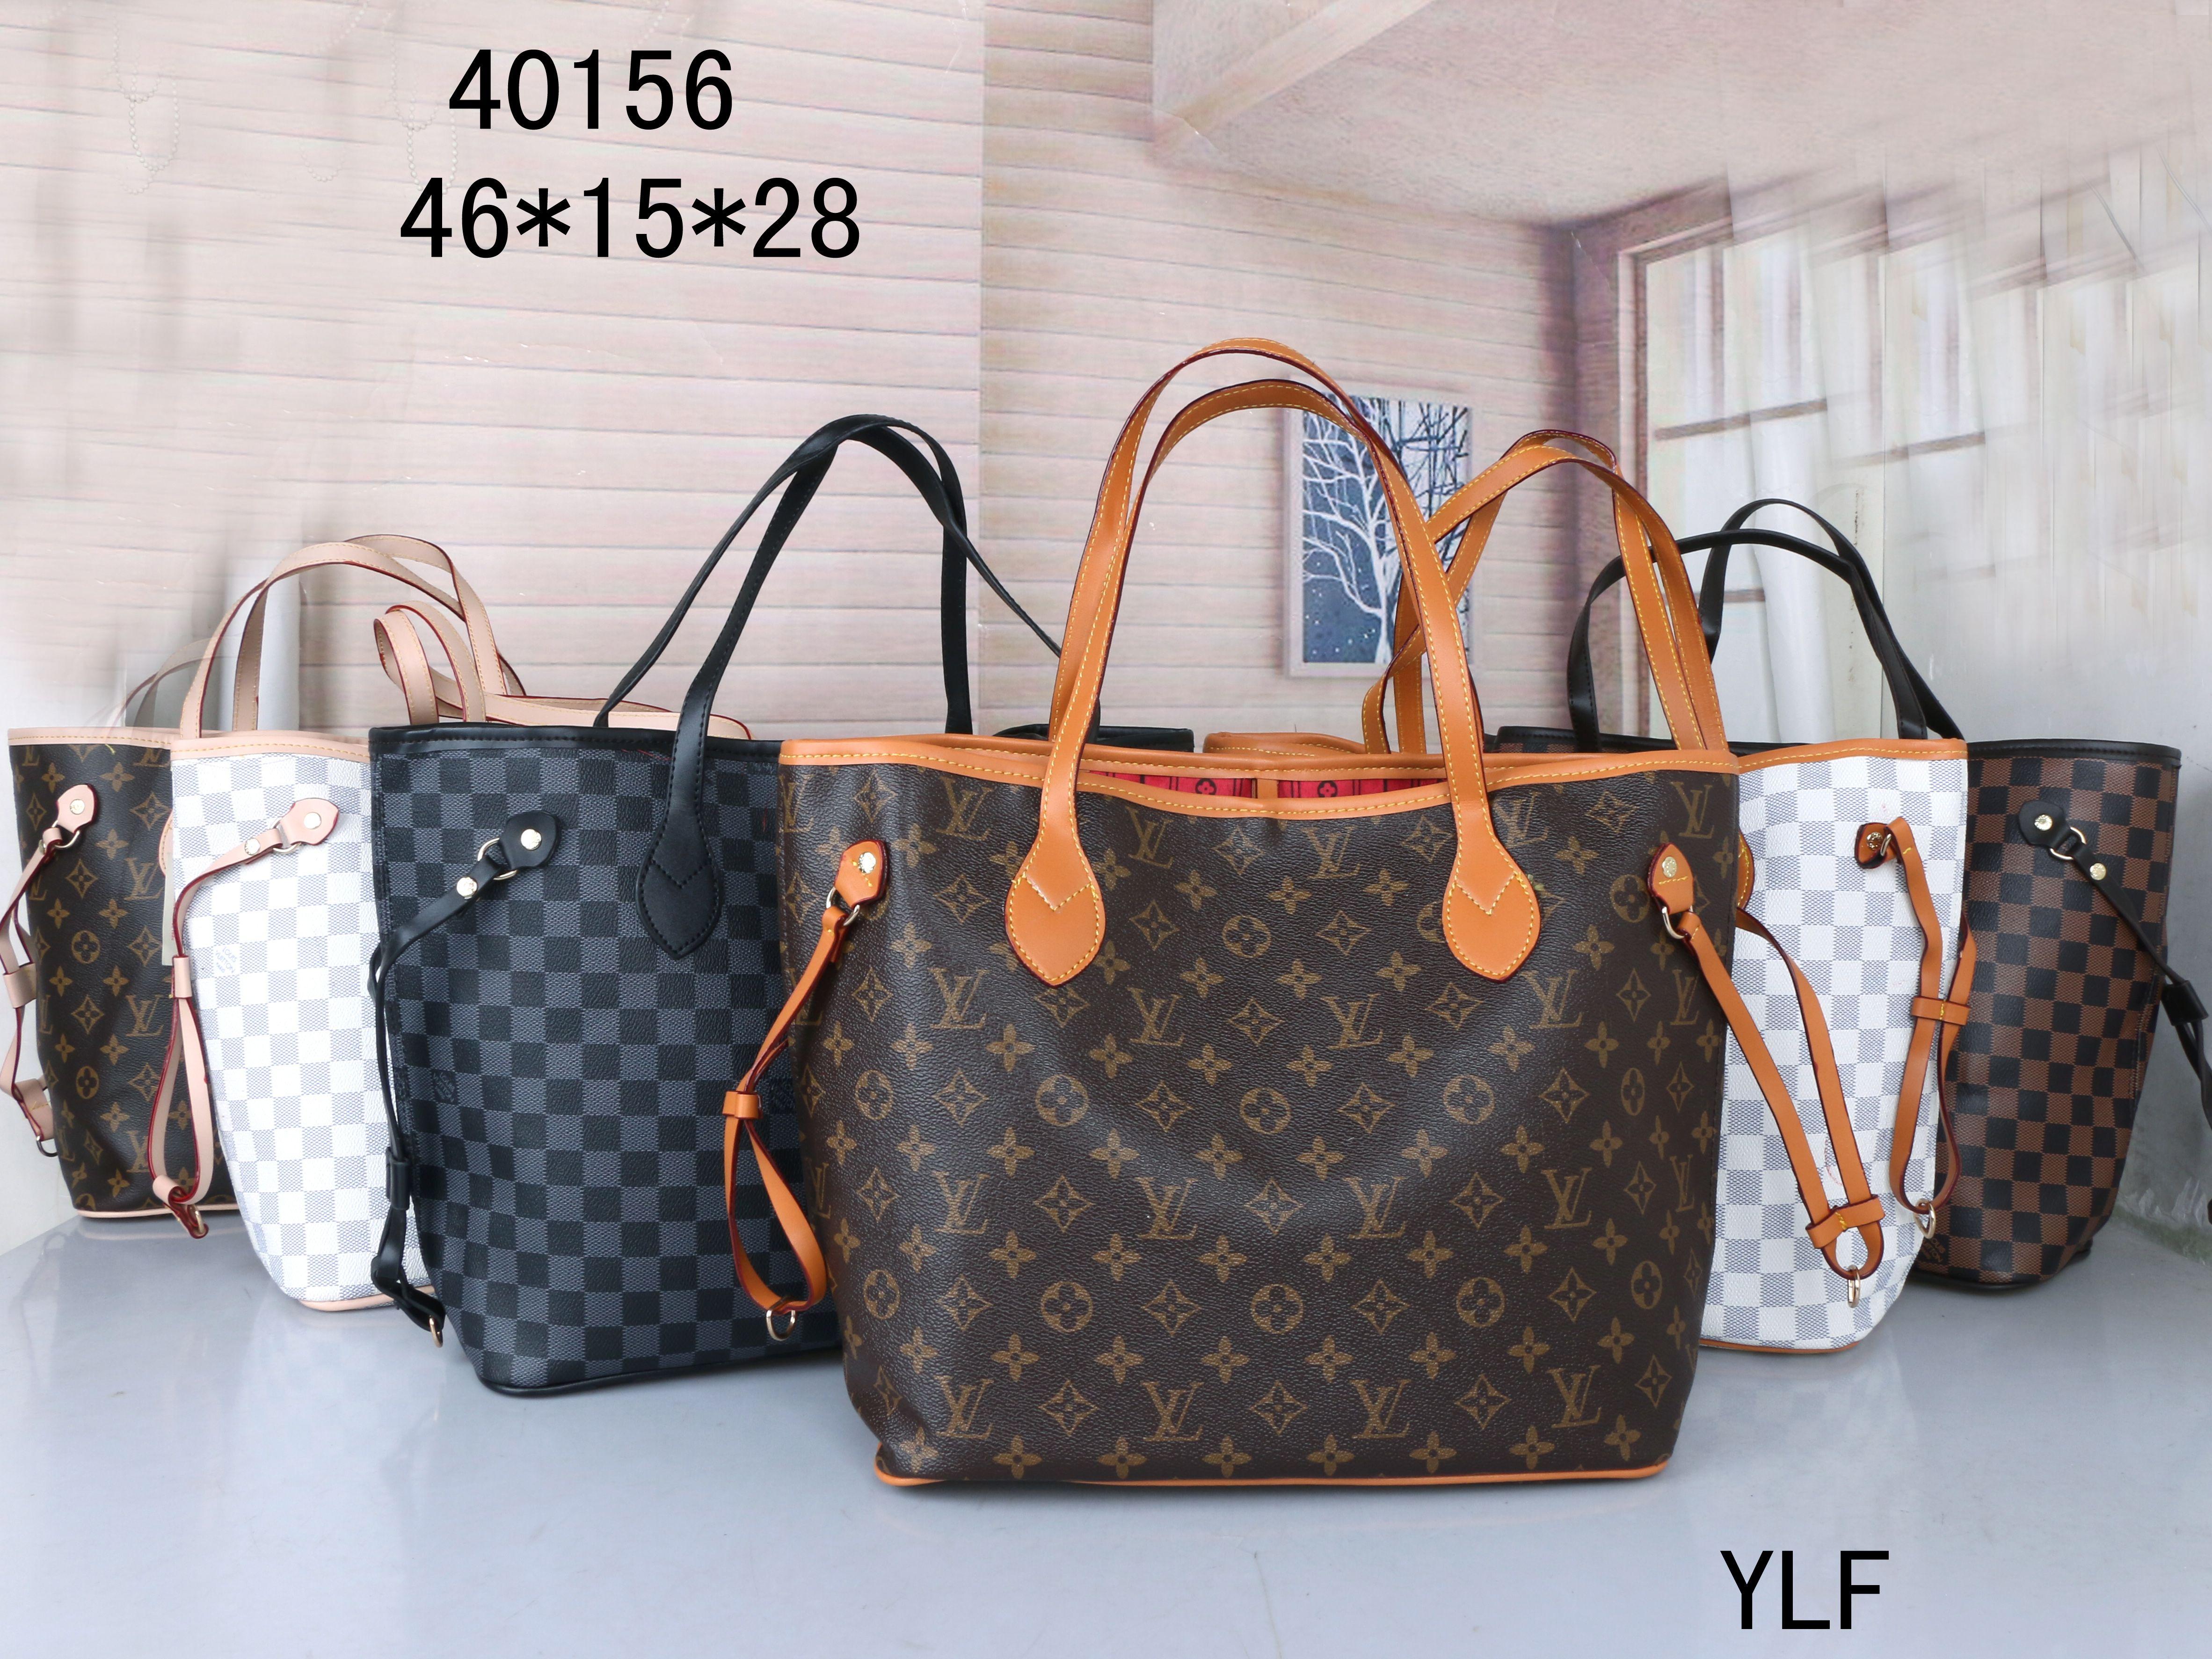 Hot sale 2020 New high quality new famous designer men women shoulder bag Messenger bag handbag wallet backpack Waist Bags 11